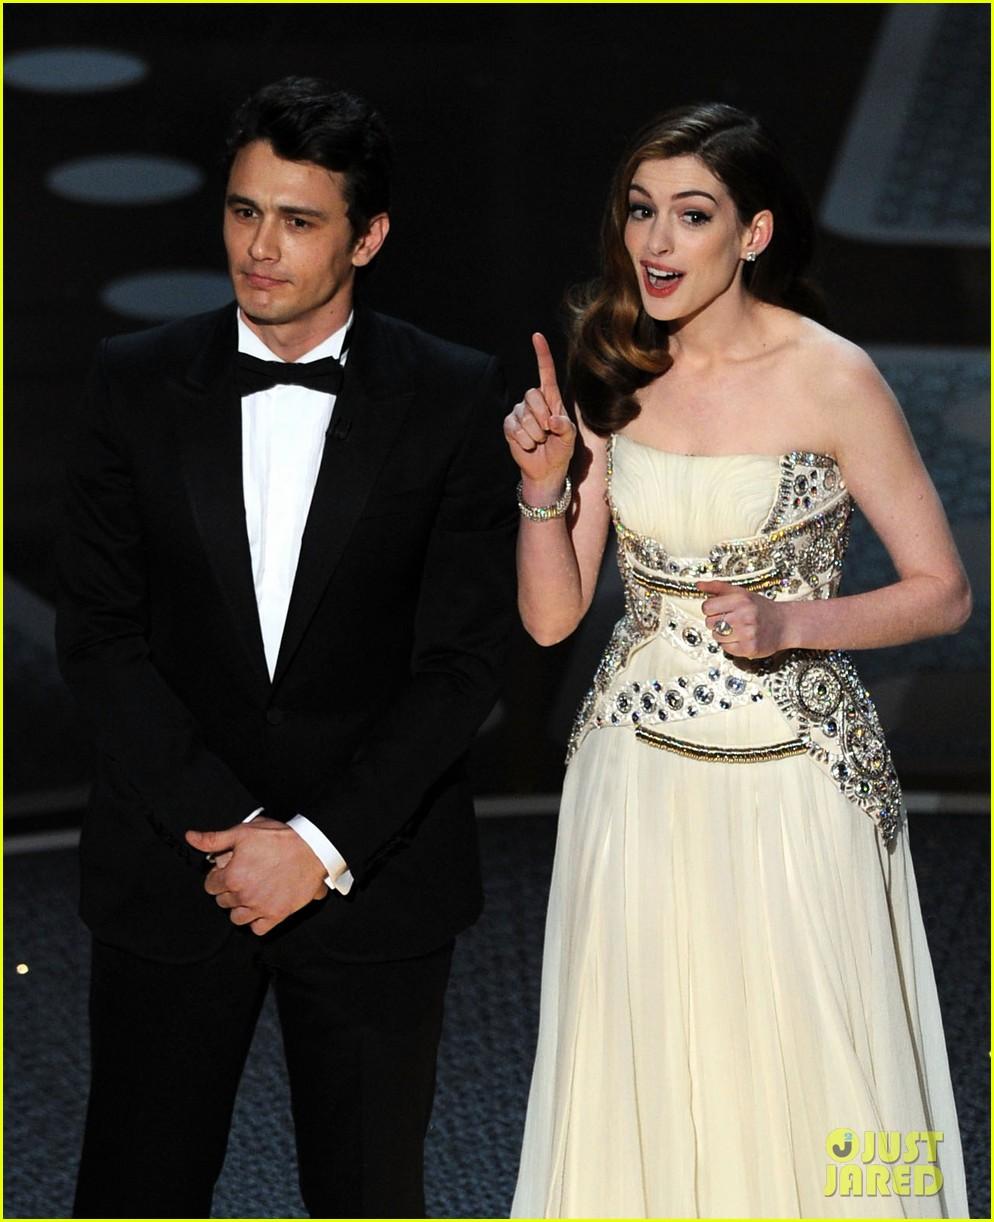 Anne Hathaway Oscar Award: Full Sized Photo Of Anne Hathaway Mocks Oscar Host Gig